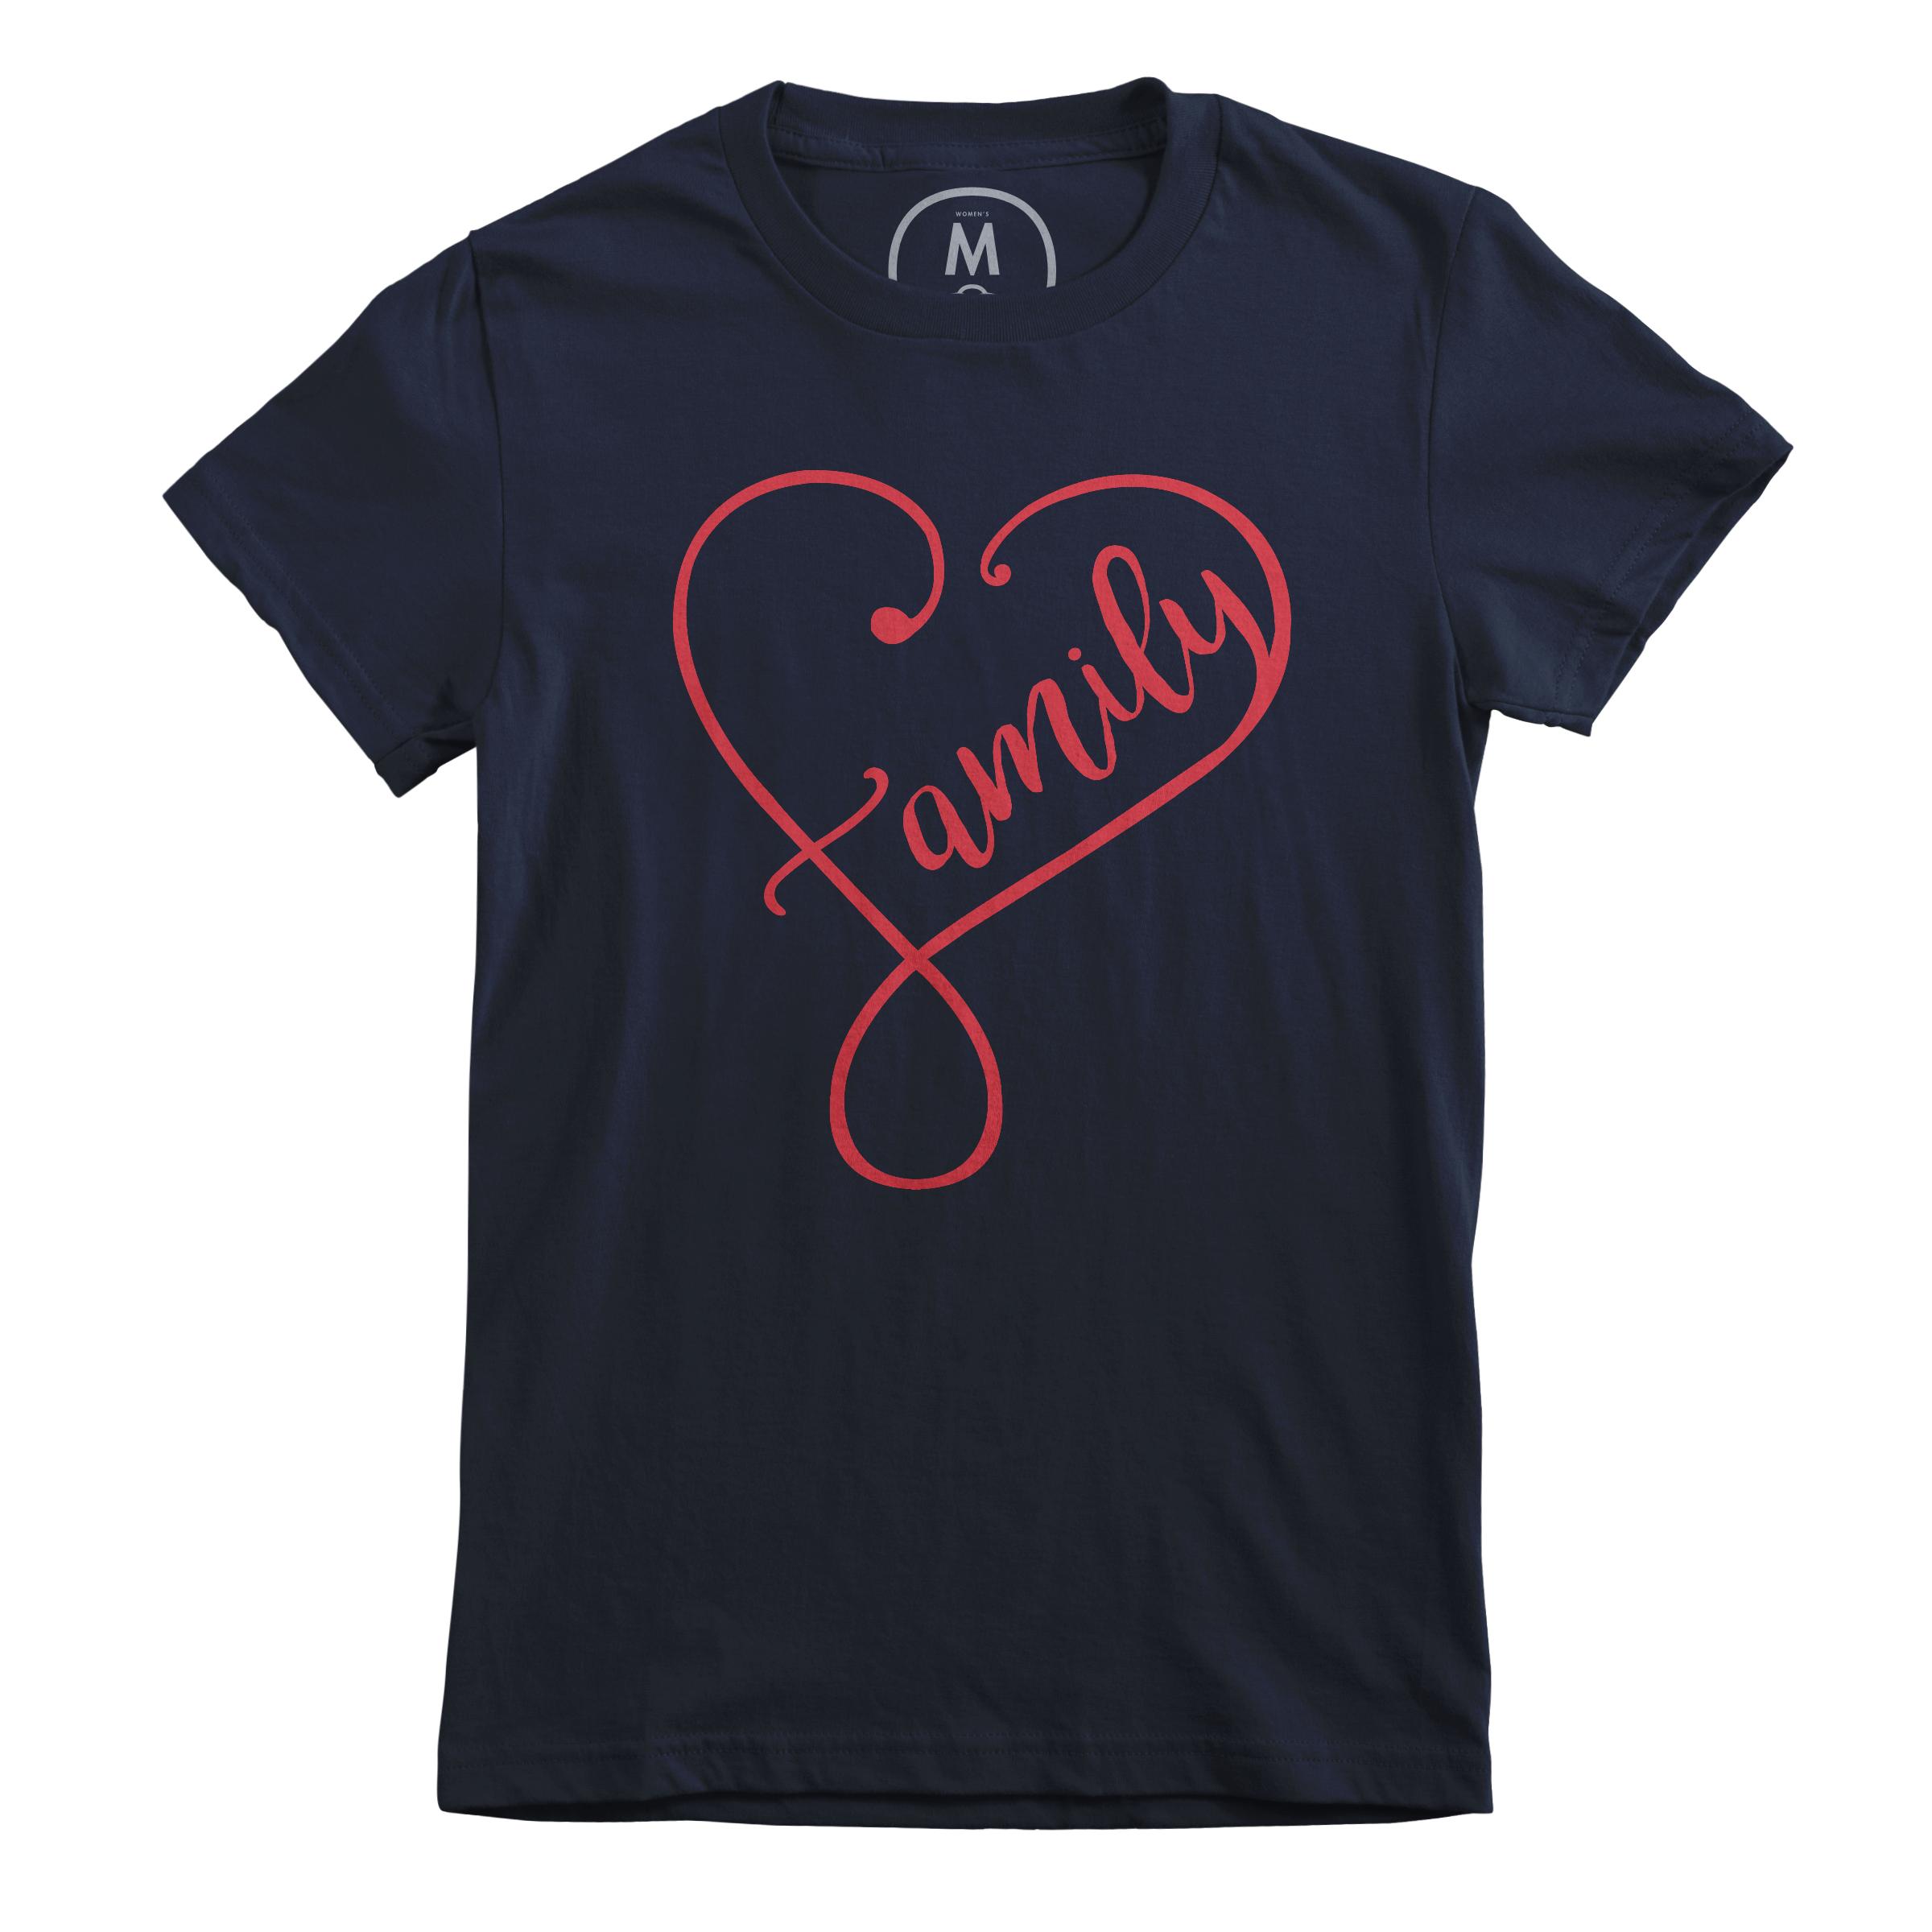 Forever Family Midnight Navy (Women's)